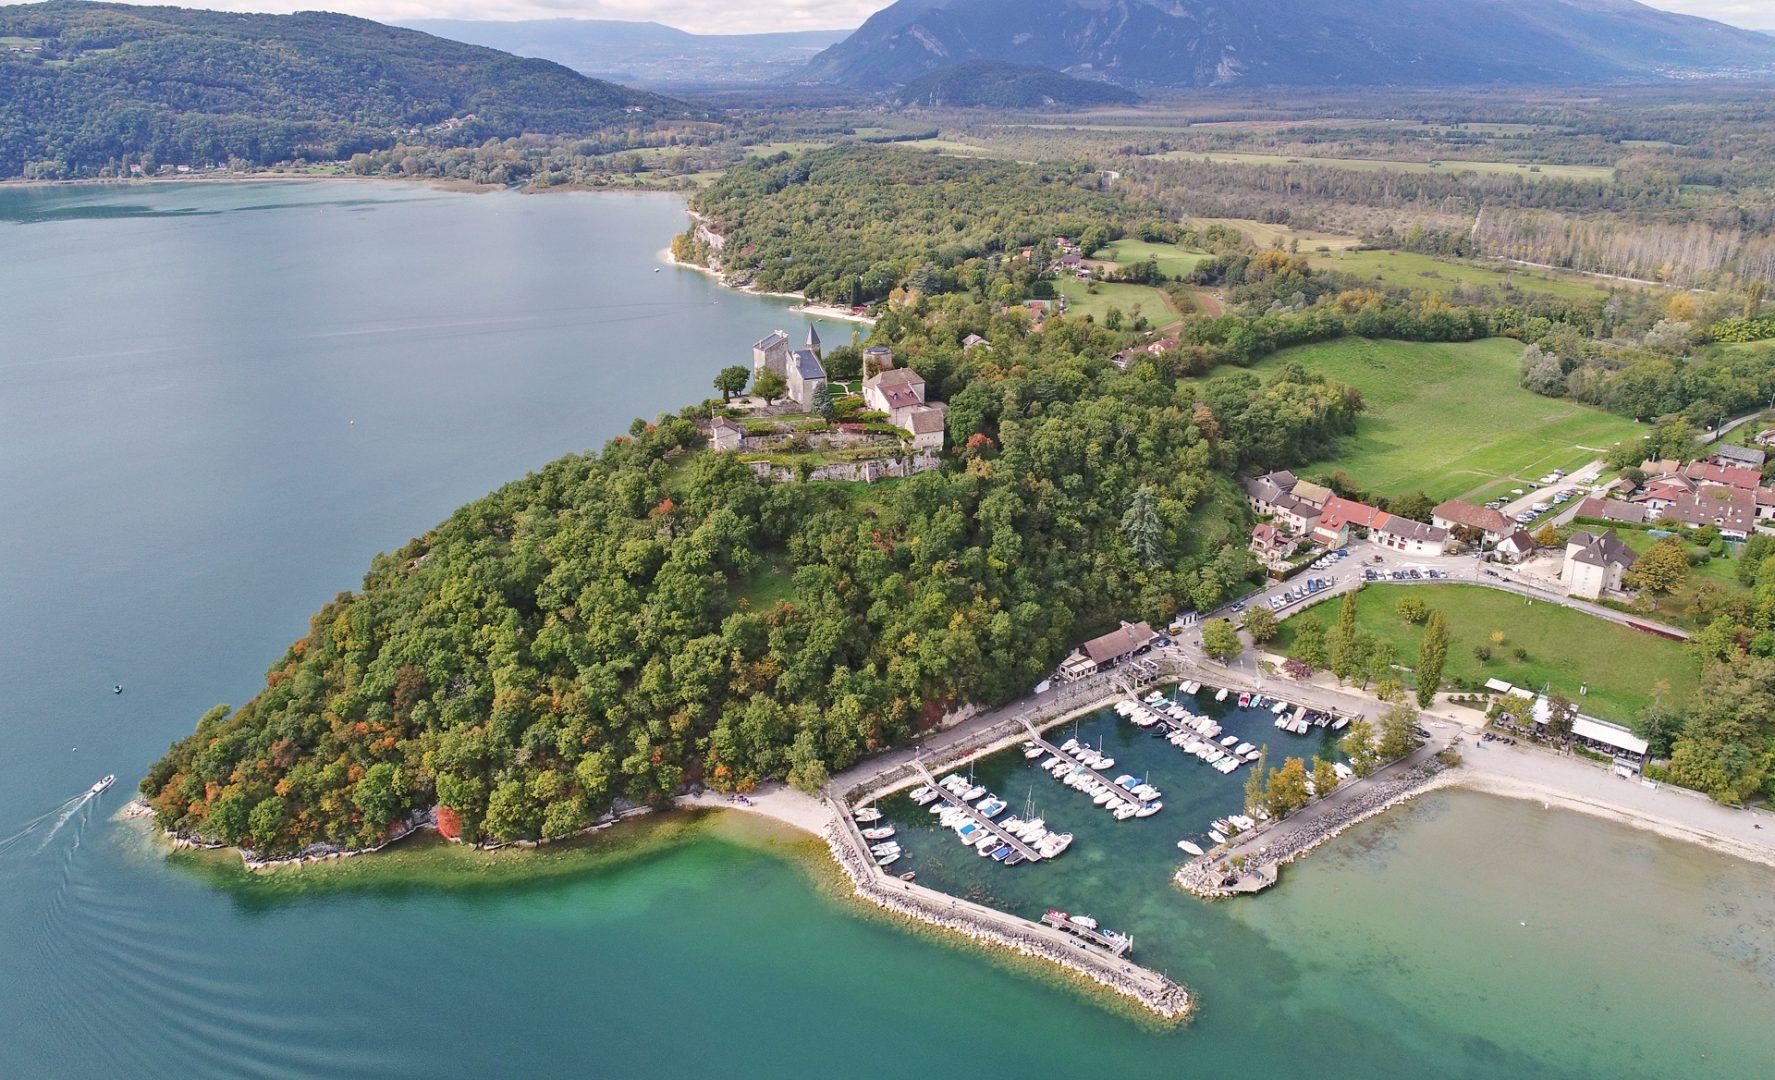 Lac_du_Bourget_Chatillon_et_son_Chateau_La_Chautagne_Aix_Riviera